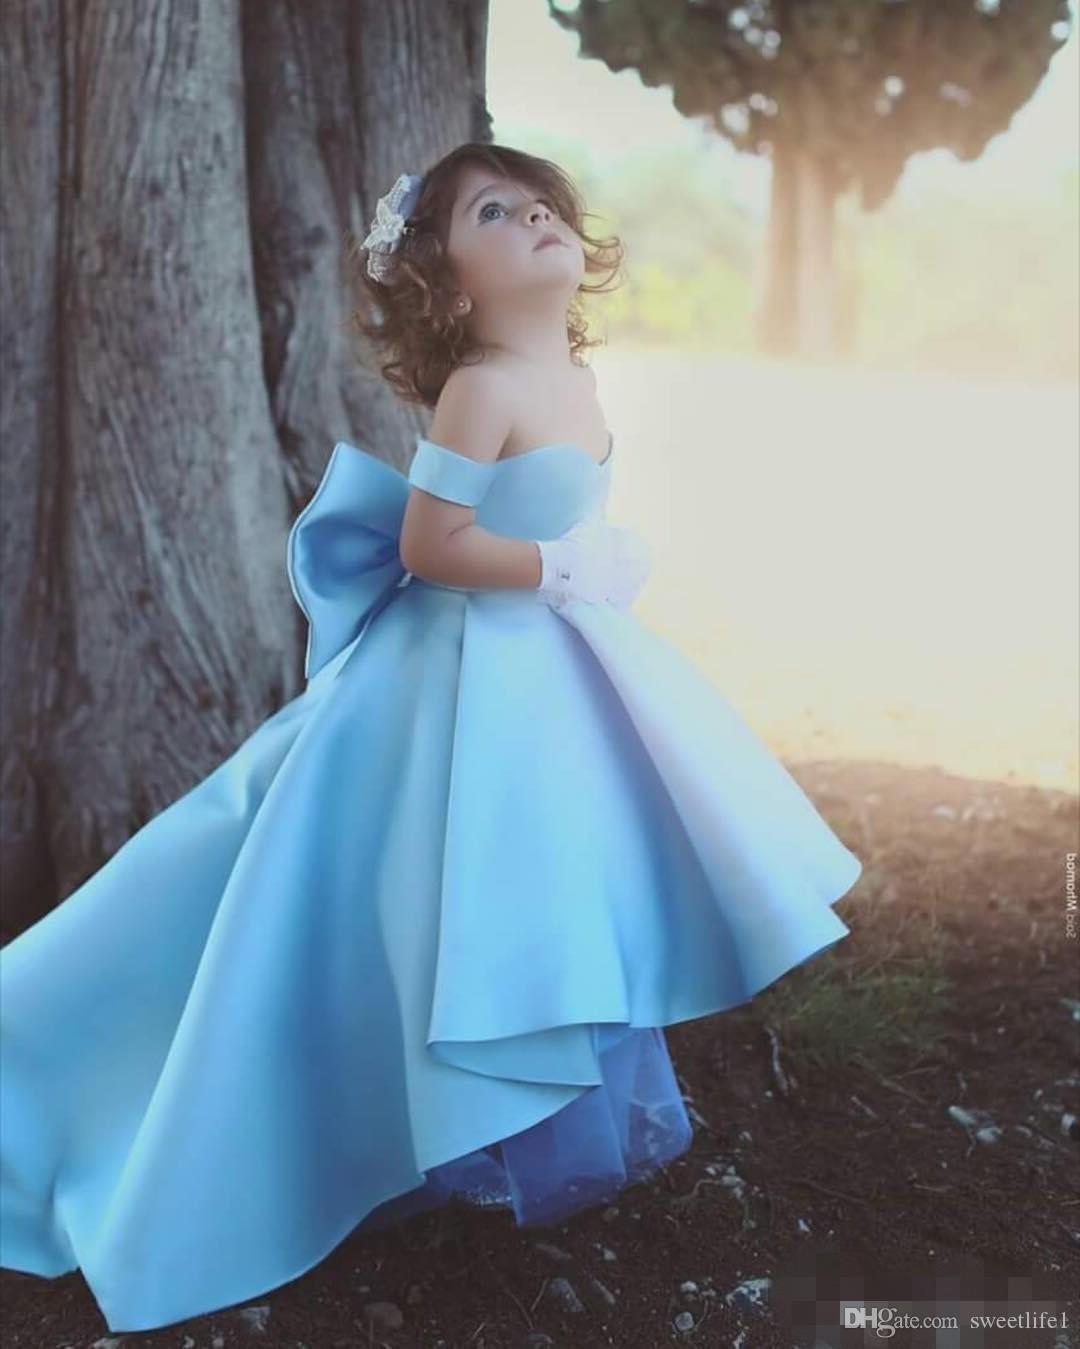 Blue Off The Shoulder Платья для девочек-цветочниц 2019 Новое заднее платье с бантом Высокое низкое детское театрализованное платье Выполненное на заказ платье для девочки на день рождения